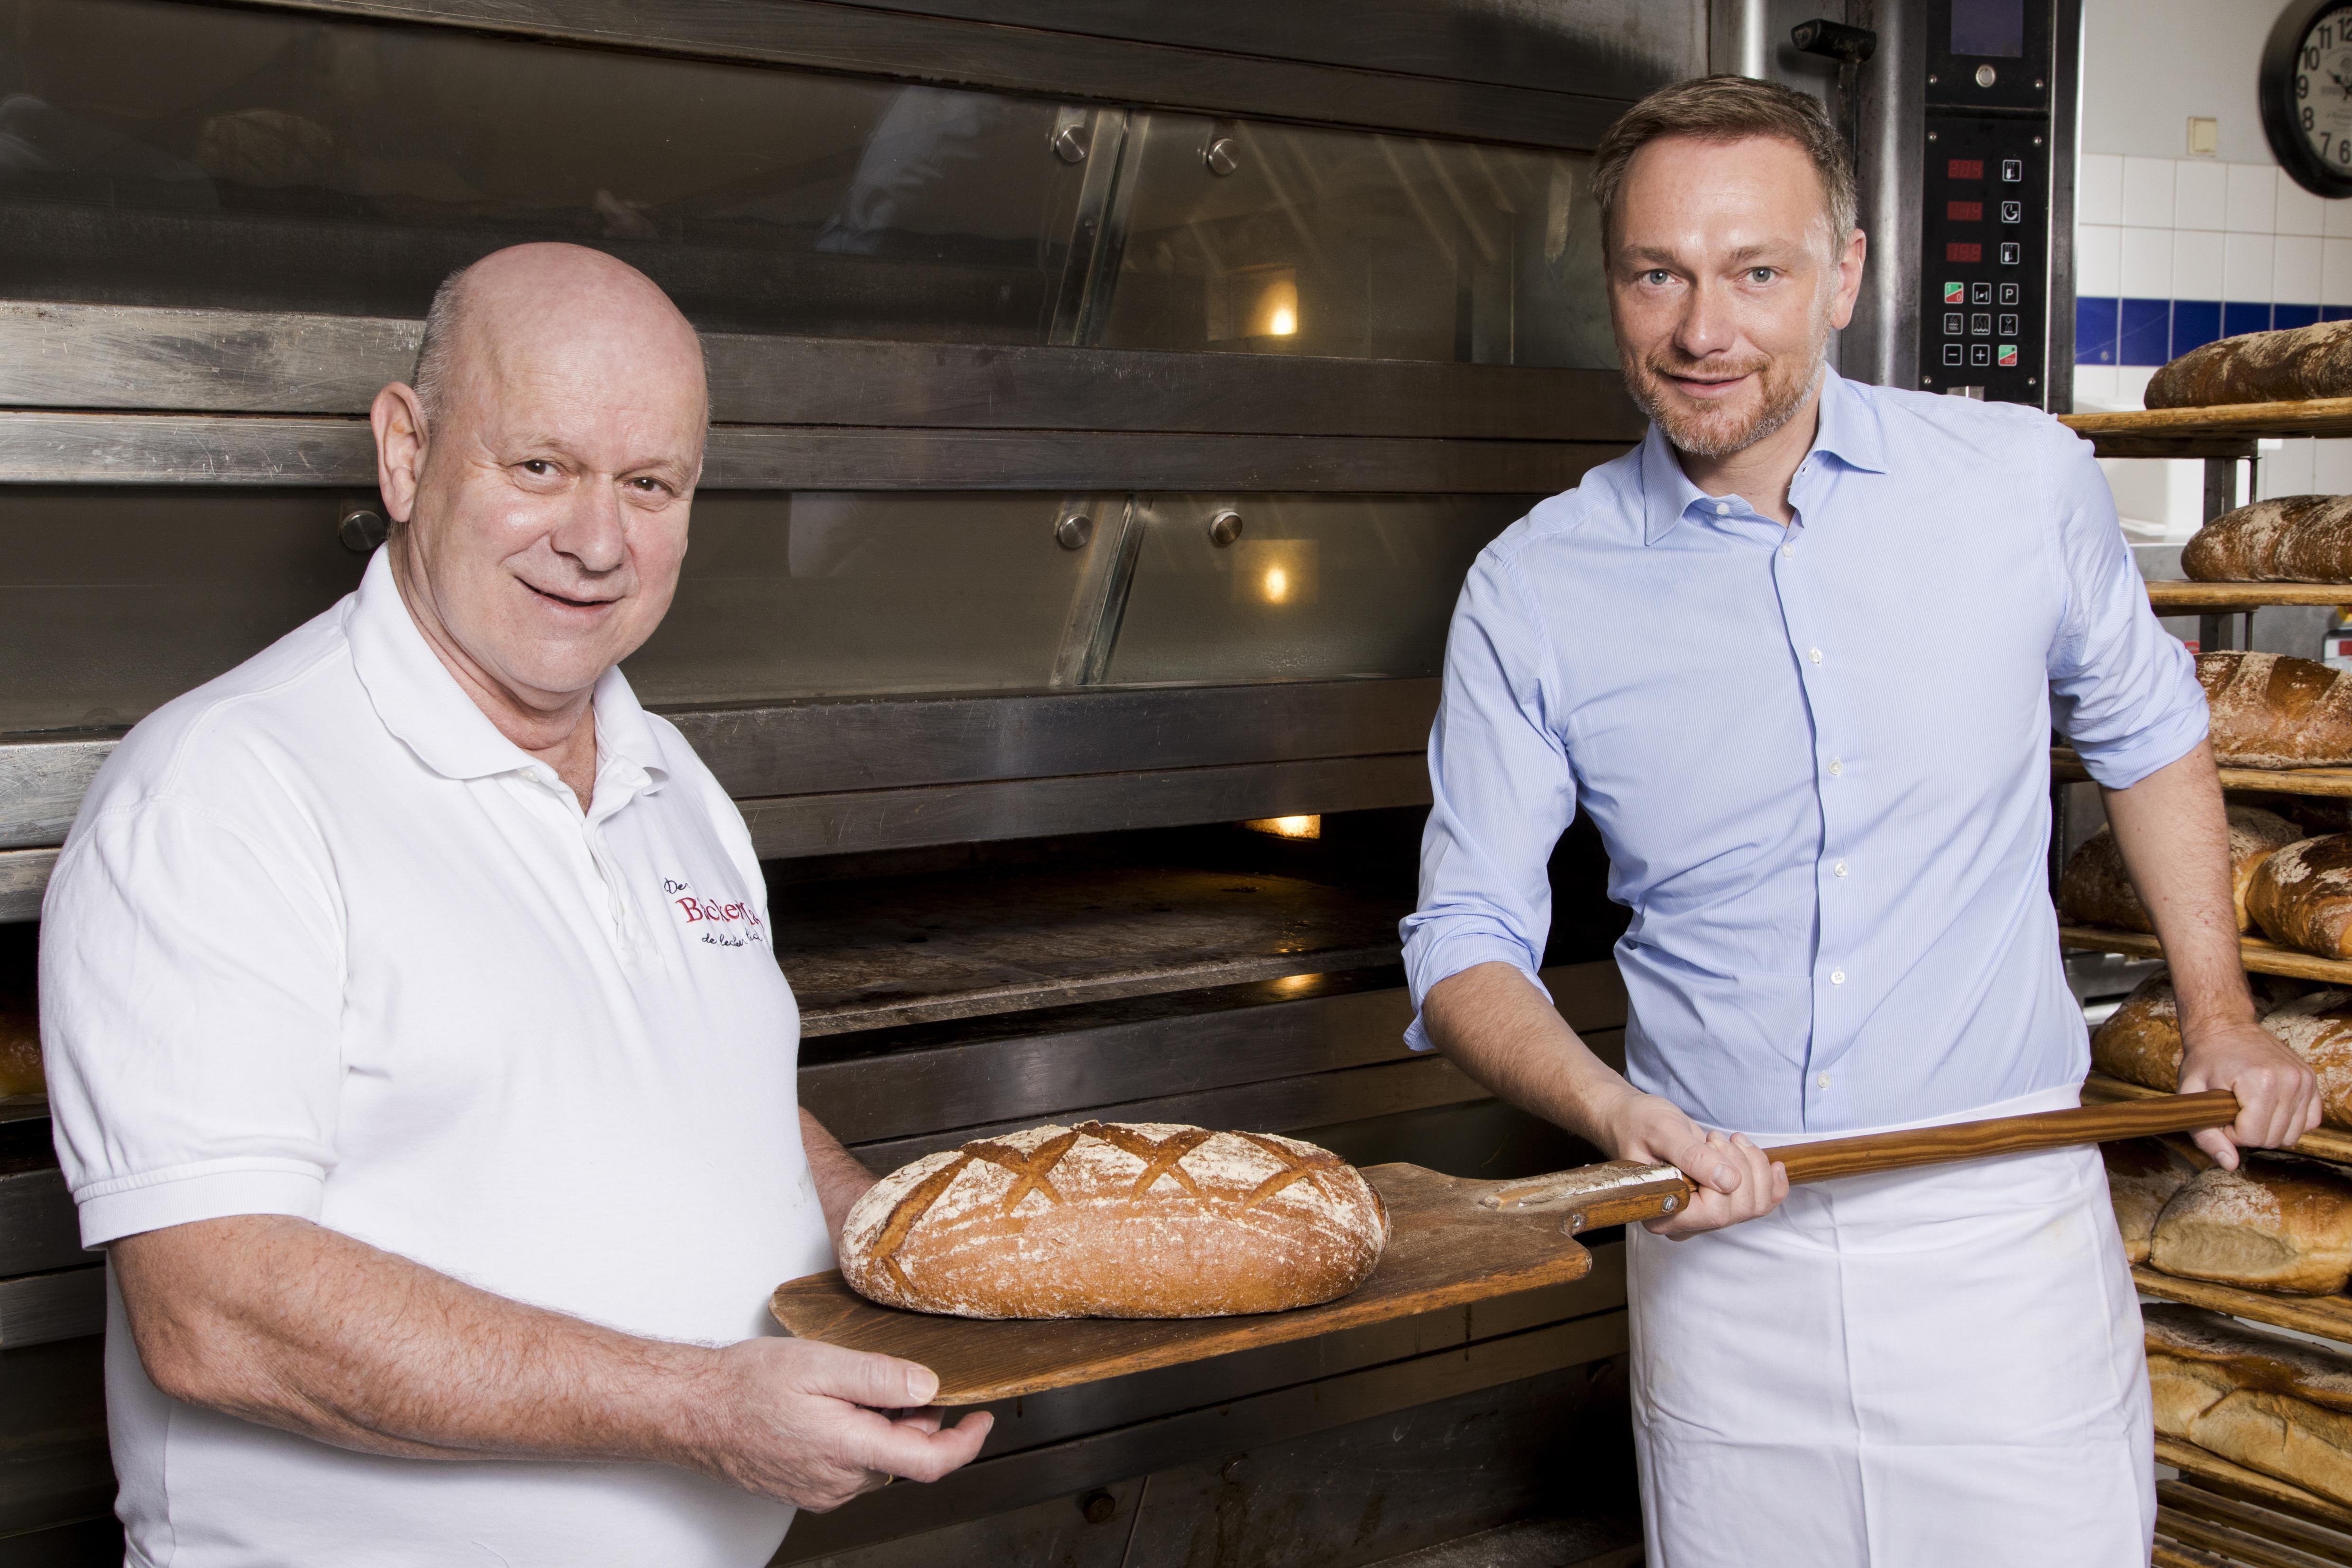 Foto: © Zentralverband des Deutschen Bäckerhandwerks